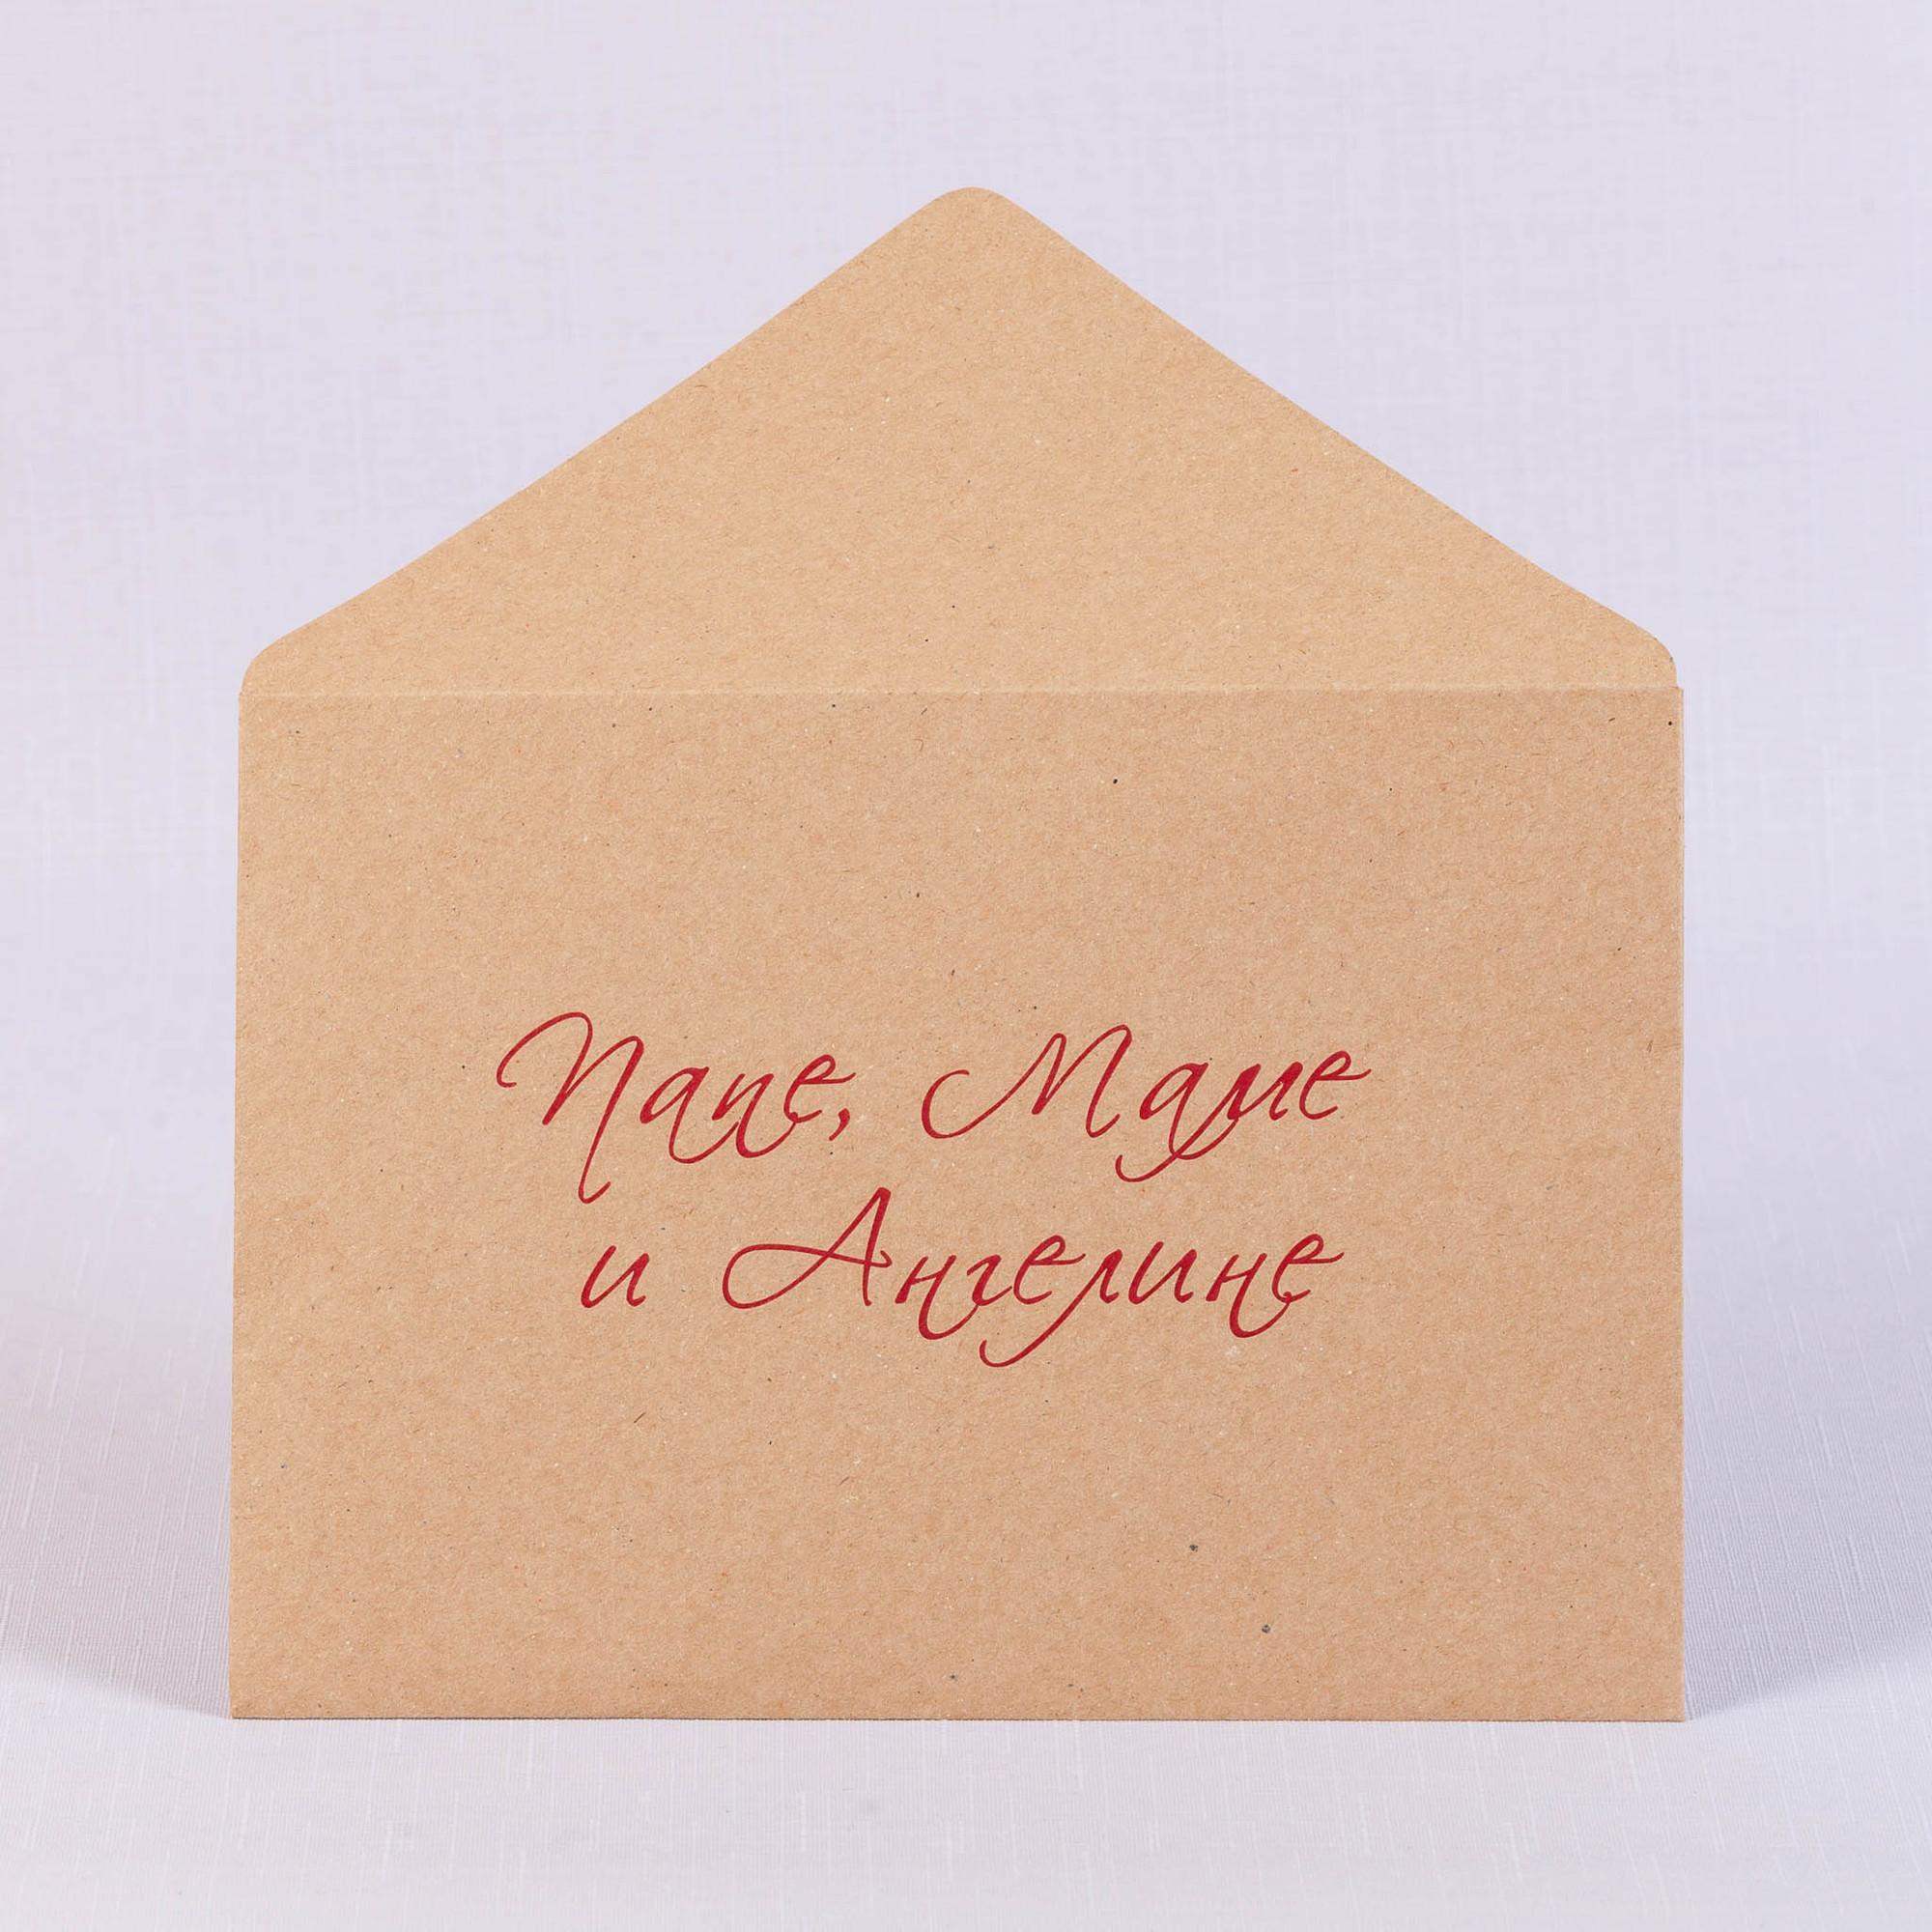 Печать на конверте Кого приглашают